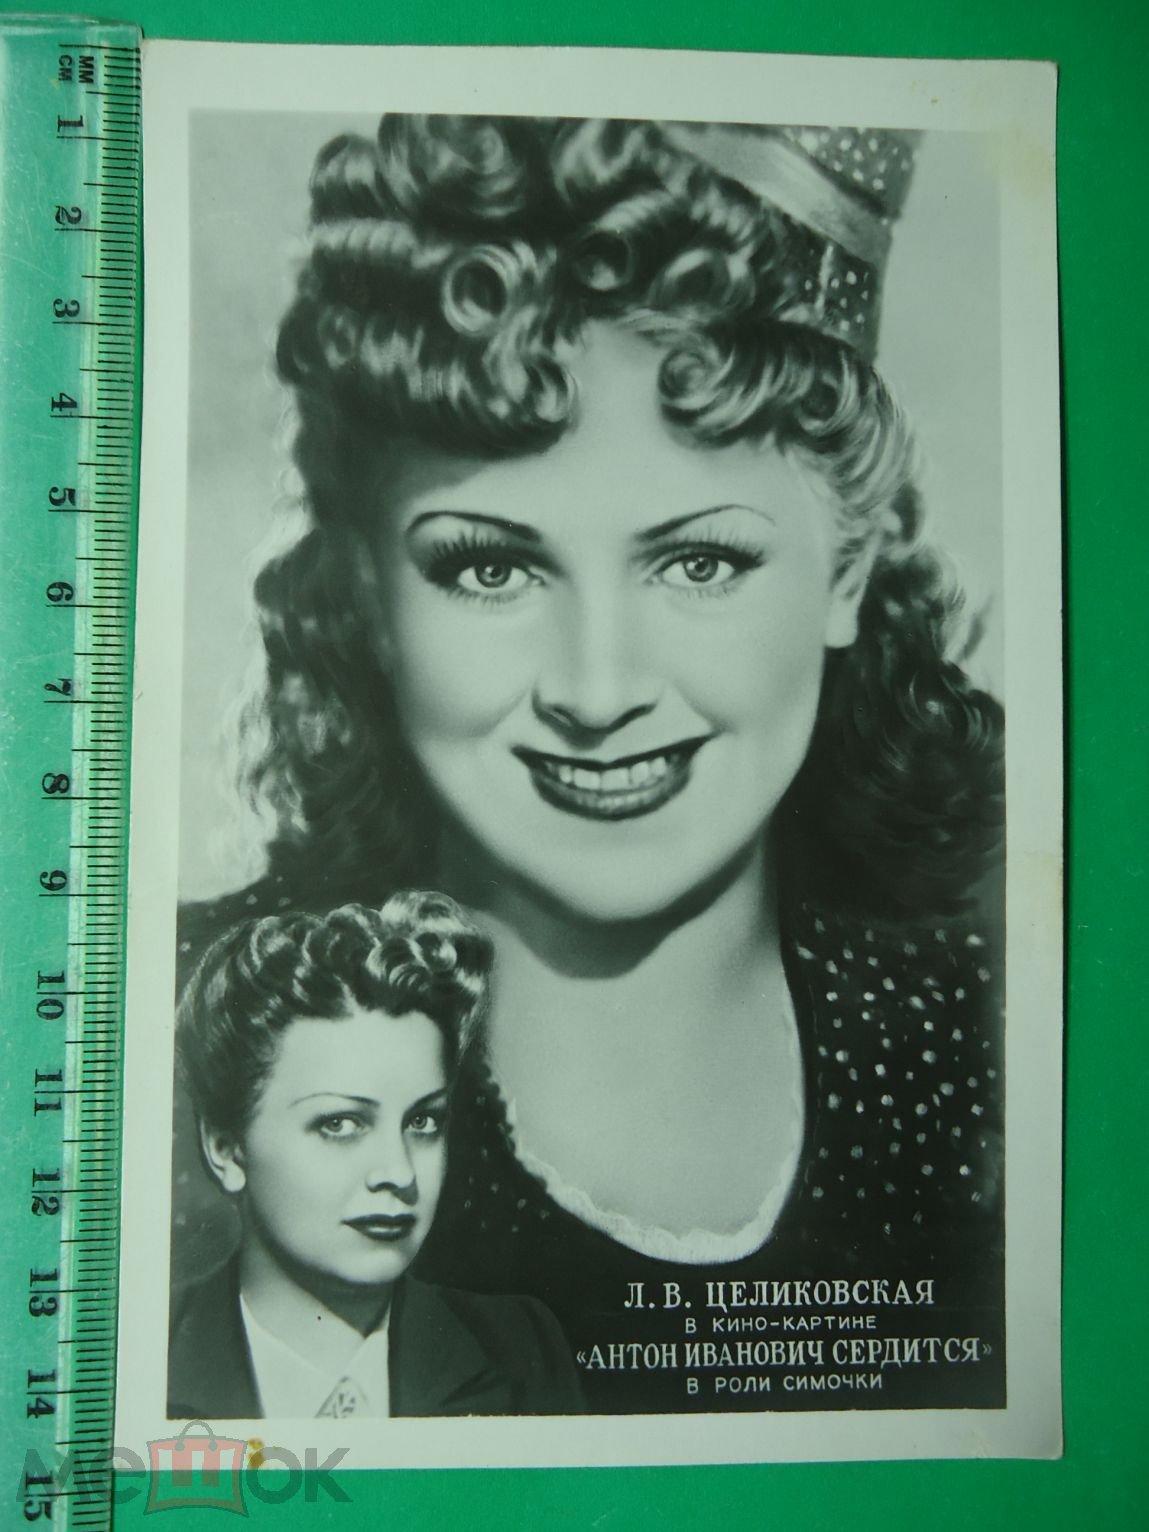 Артисты Актеры кино Людмила Целиковская 1951